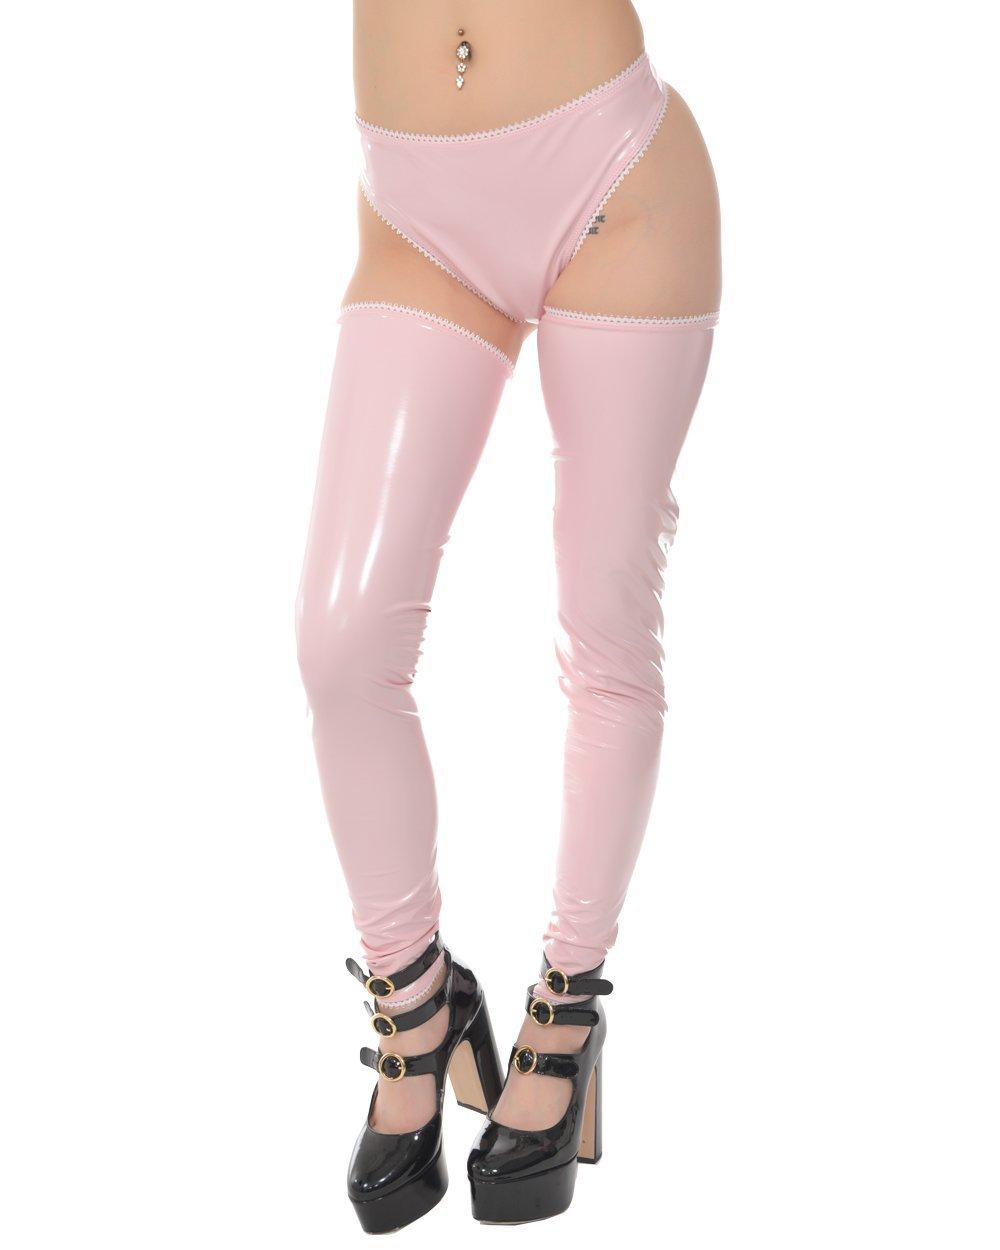 blossom legwear